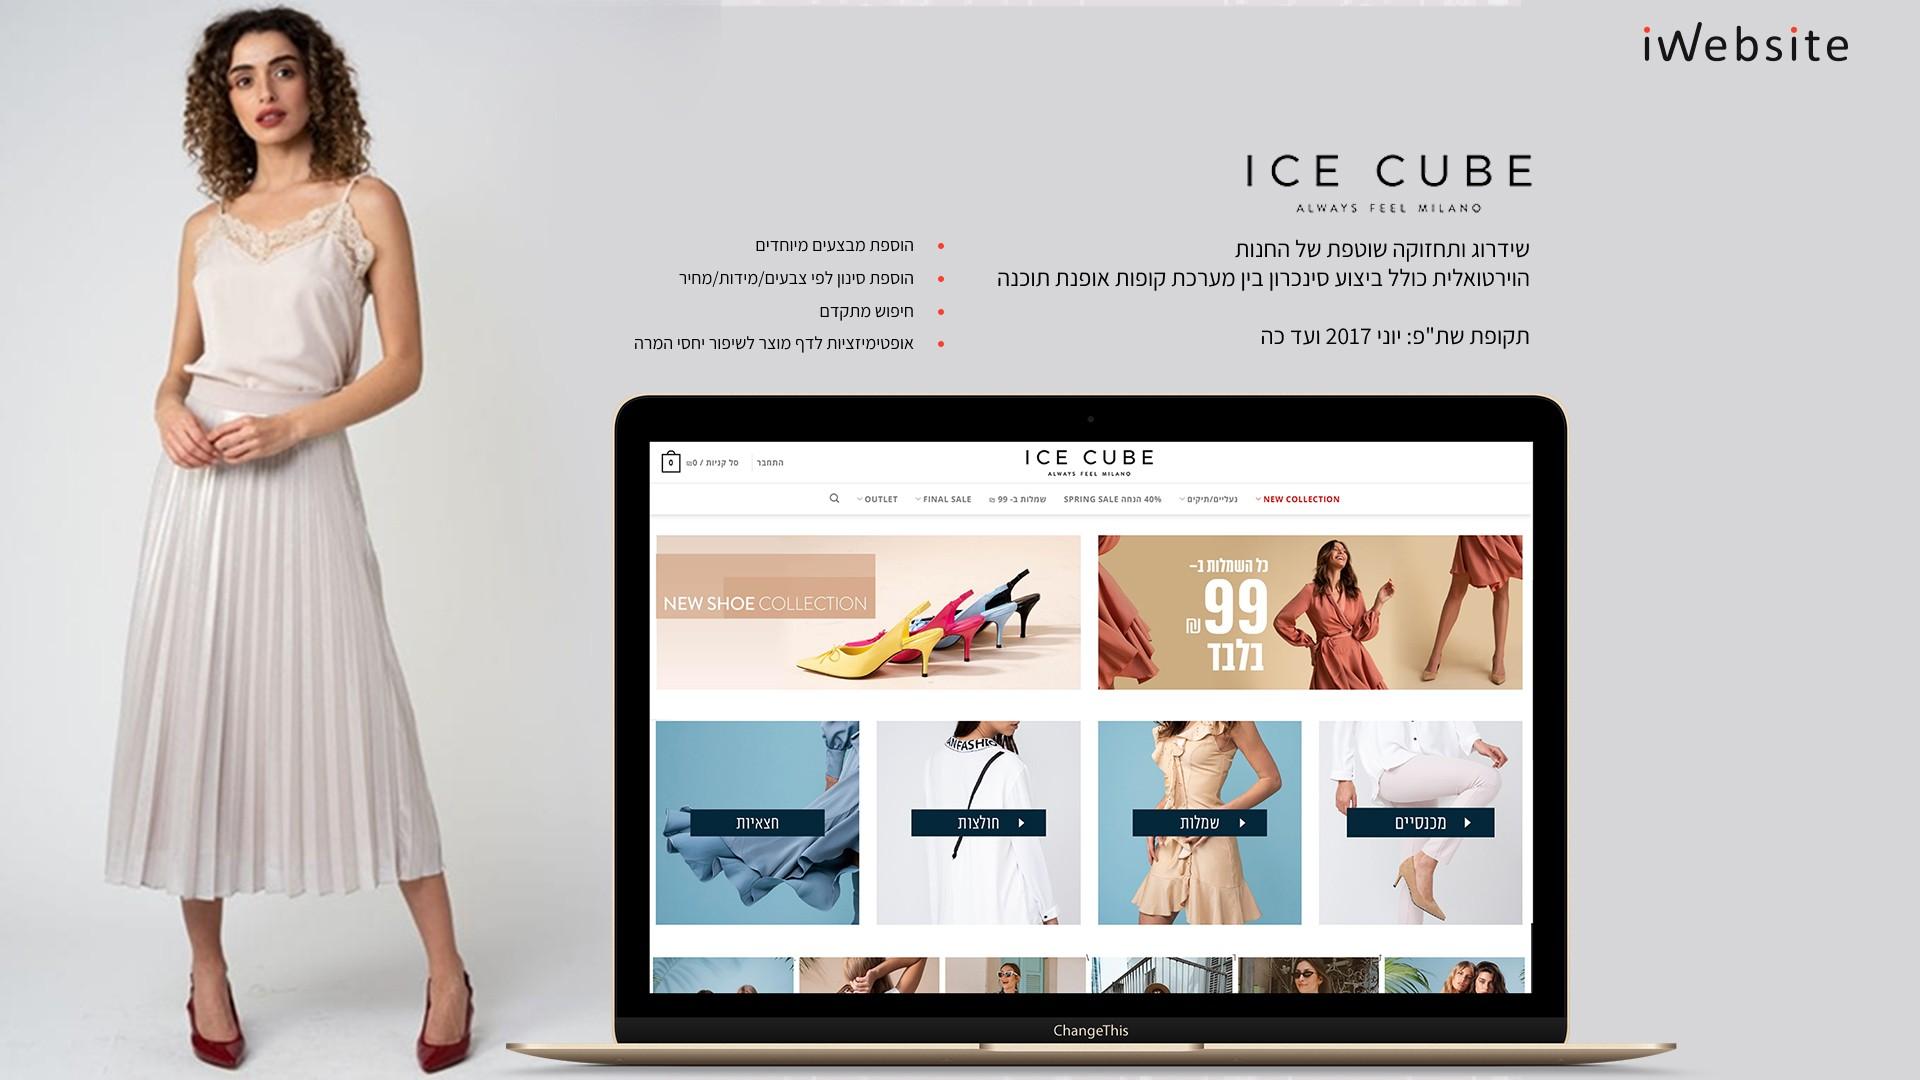 ICE-CUBE- חנות וירטואלית לאופנת נשים